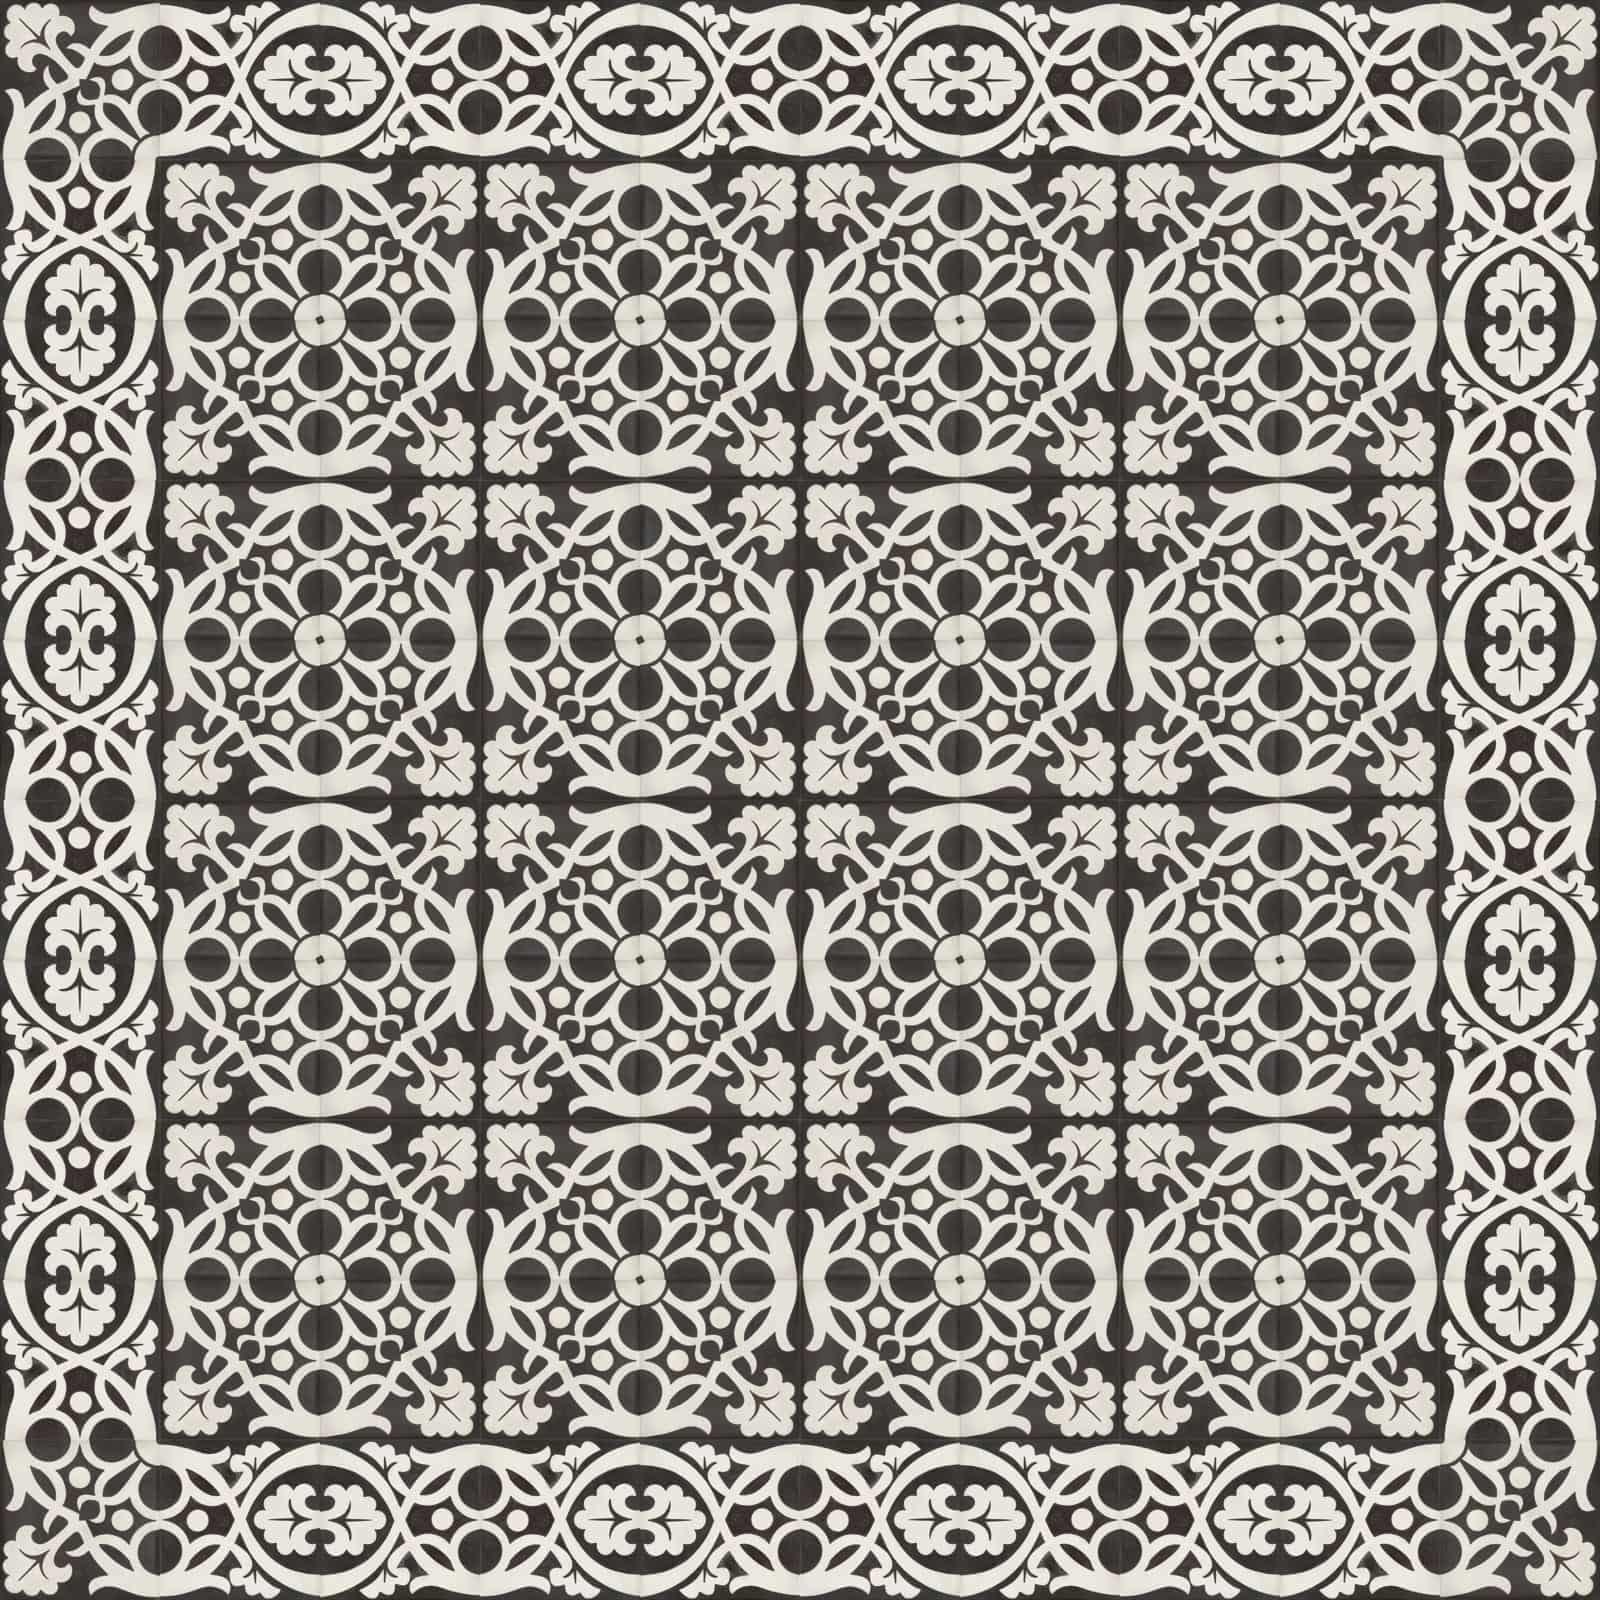 zementfliesen-nummer-32460-verlegemuster-viaplatten-B | 32460